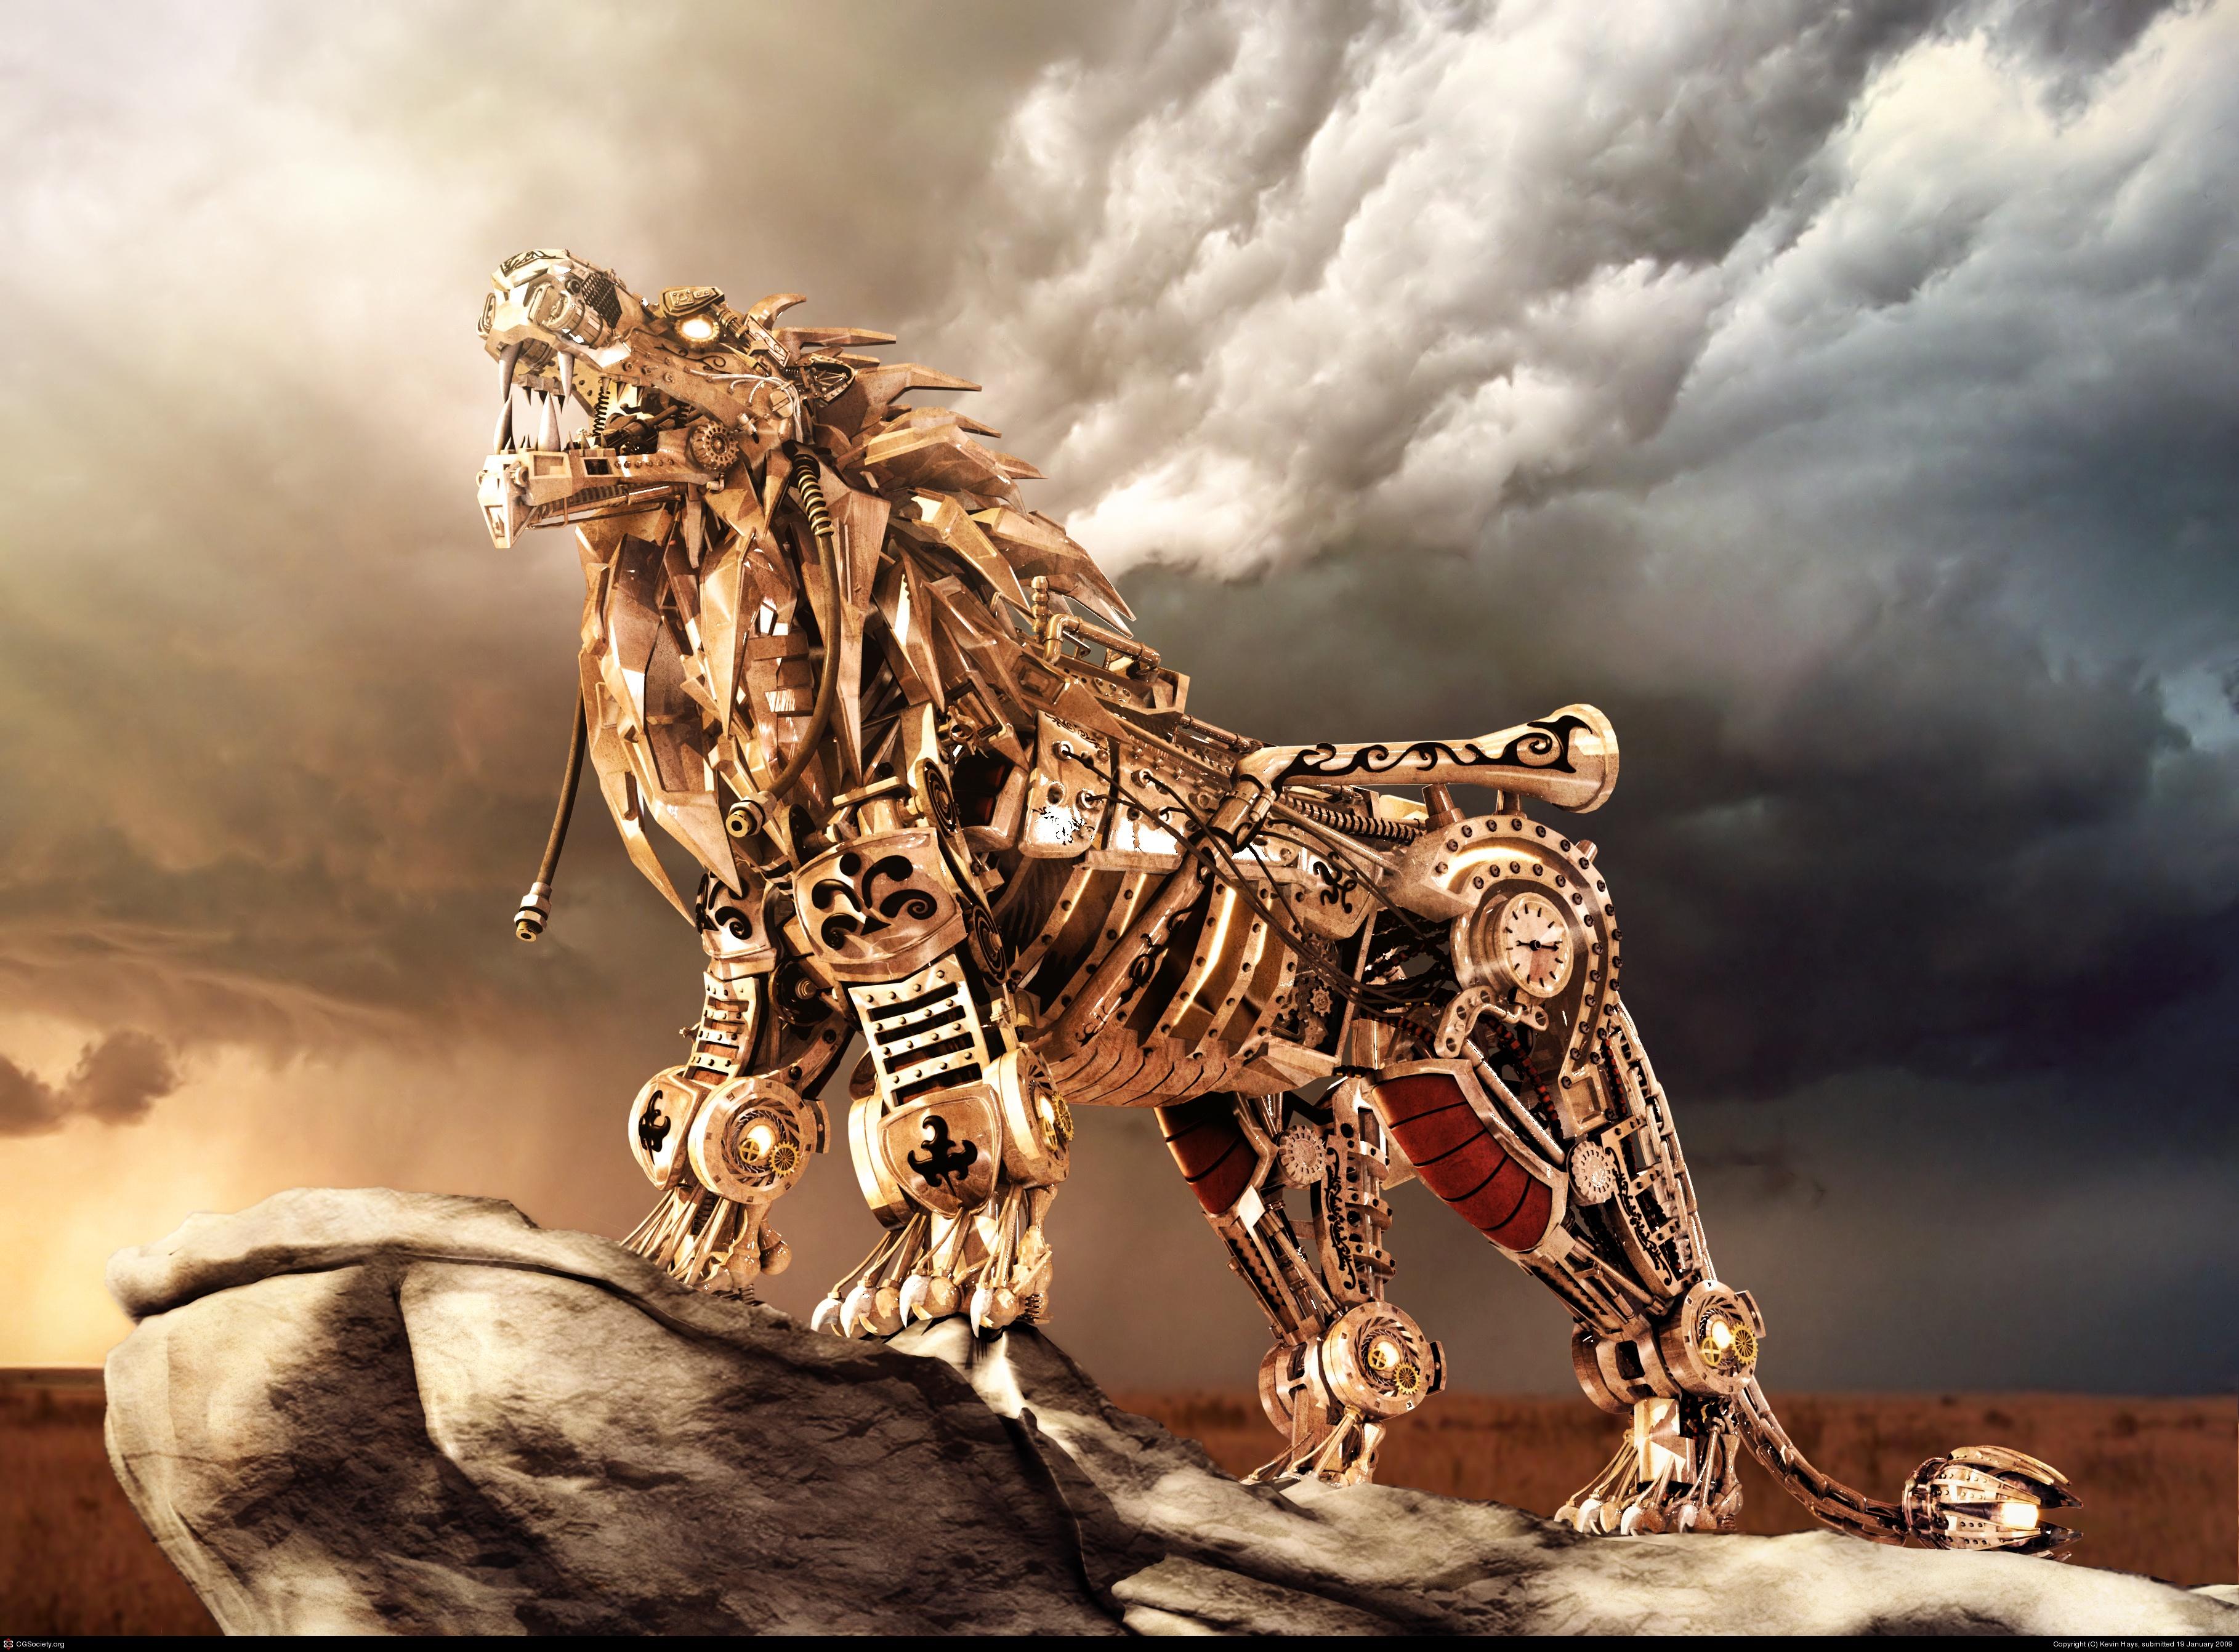 Steampunk Lion Robot mechanical wallpaper 3636x2683 62474 3636x2683